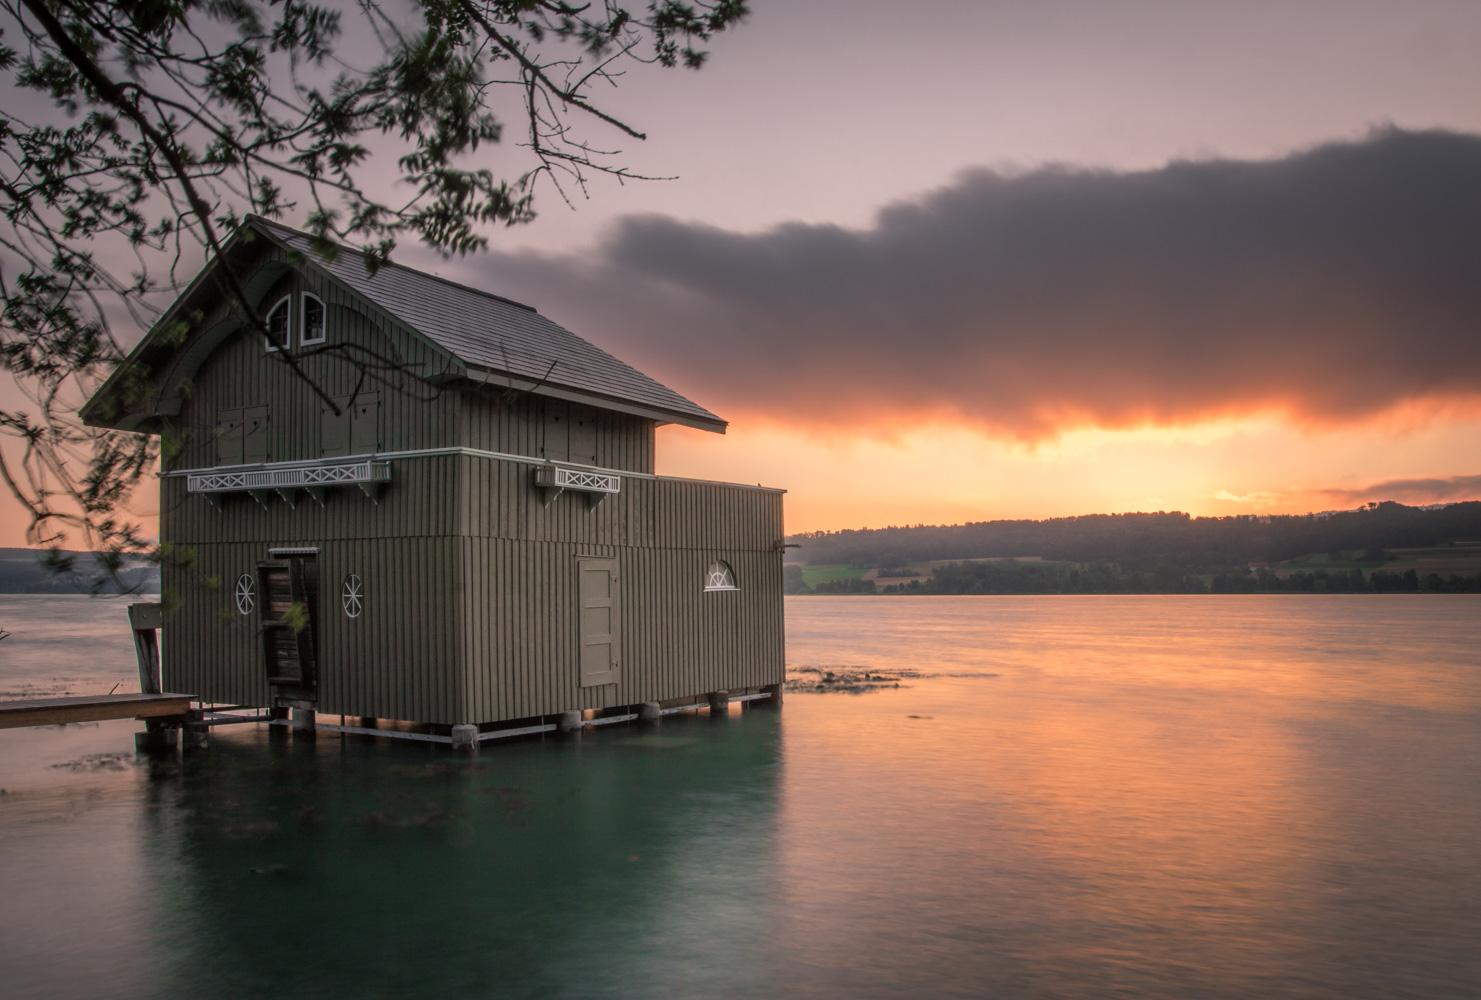 Beinwil am See, Switzerland